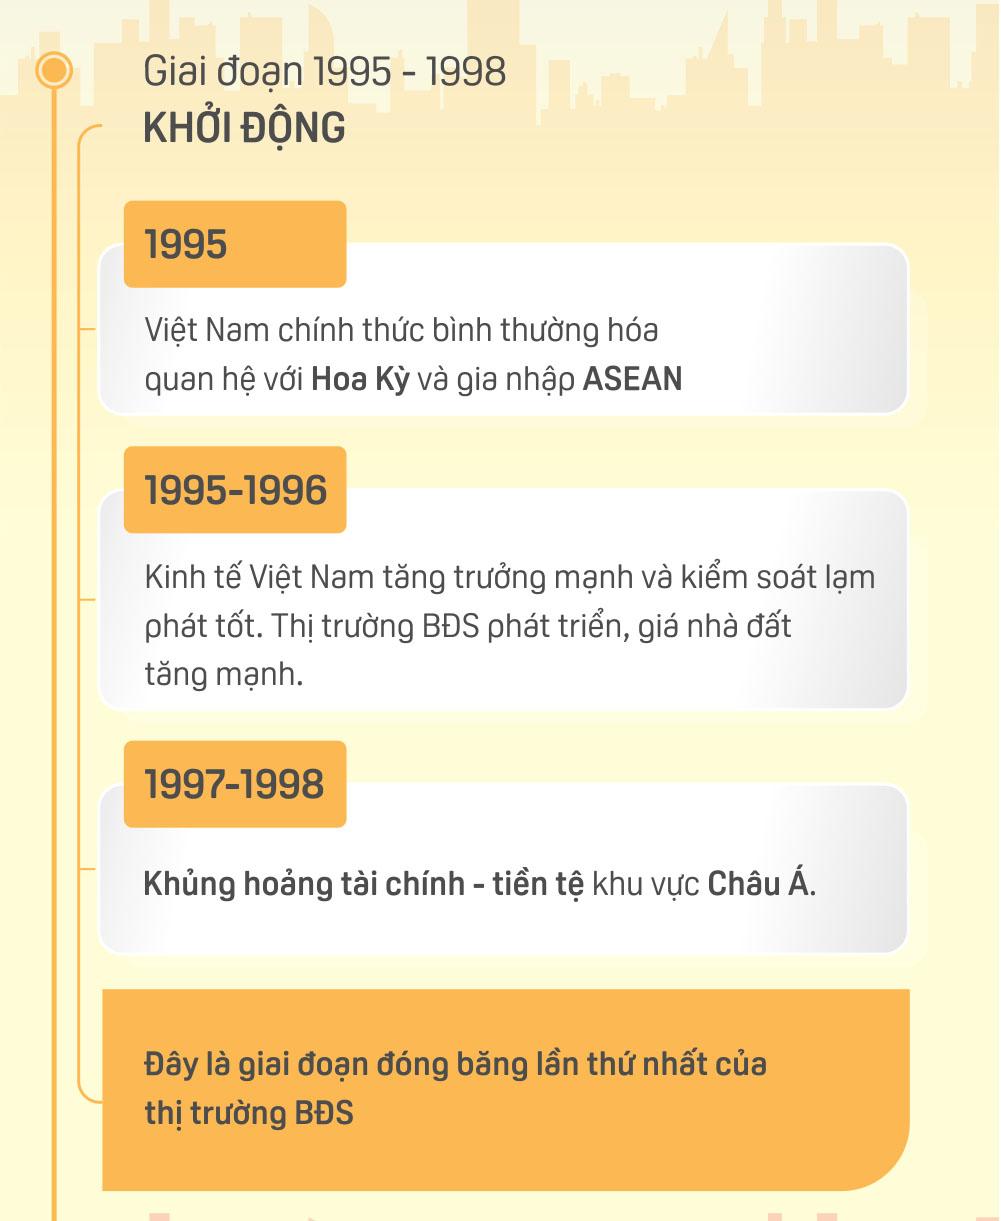 giai-doan-thi-truong-bat-dong-san-1995-1998